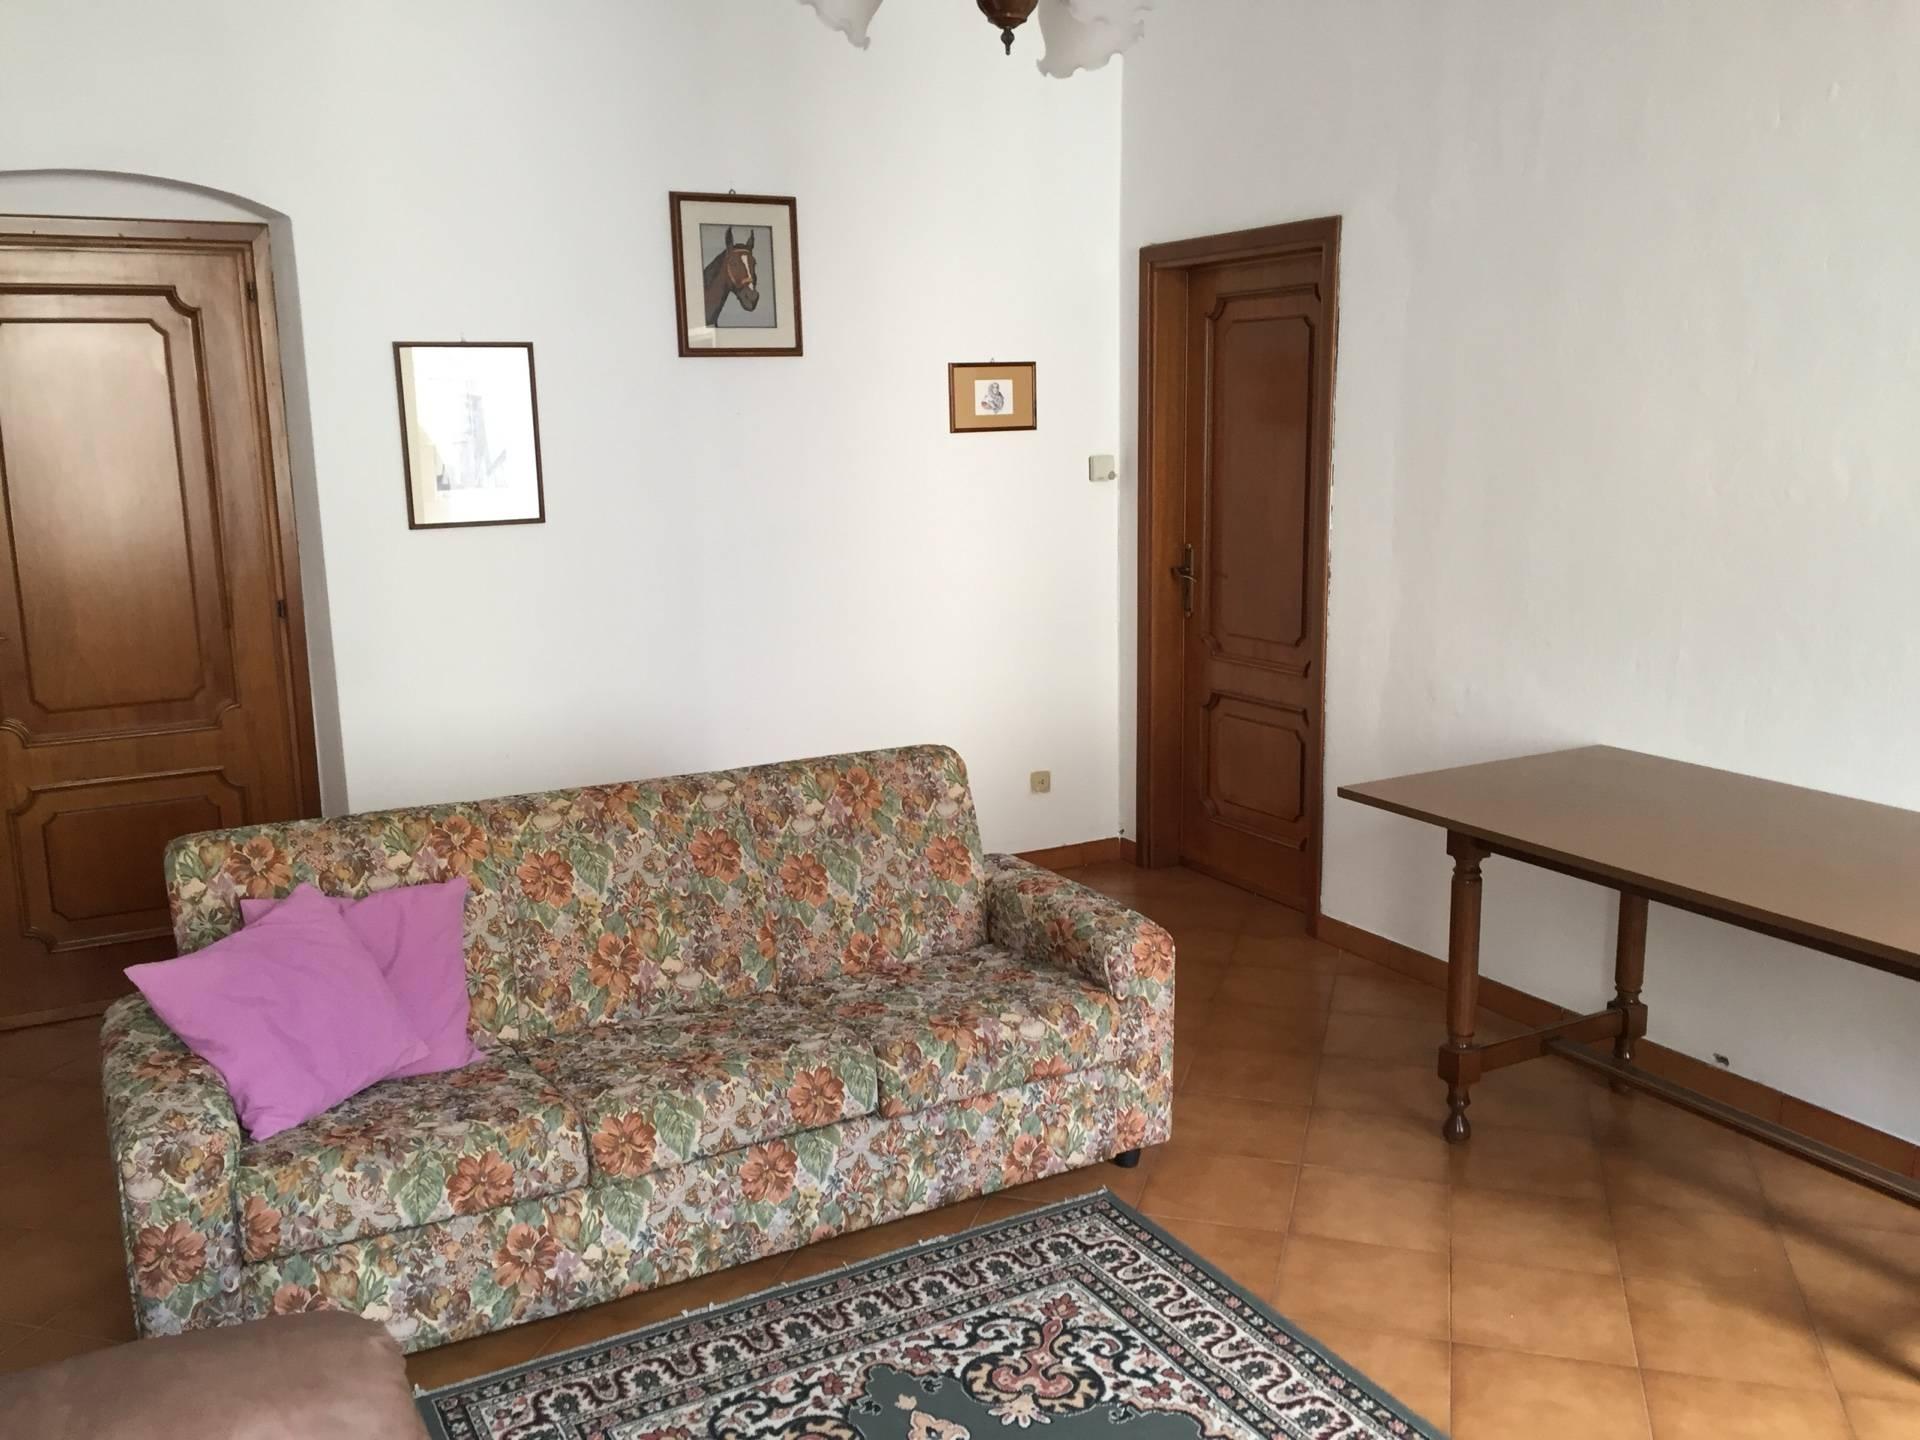 Appartamento in affitto a Borgio Verezzi, 5 locali, prezzo € 650 | CambioCasa.it